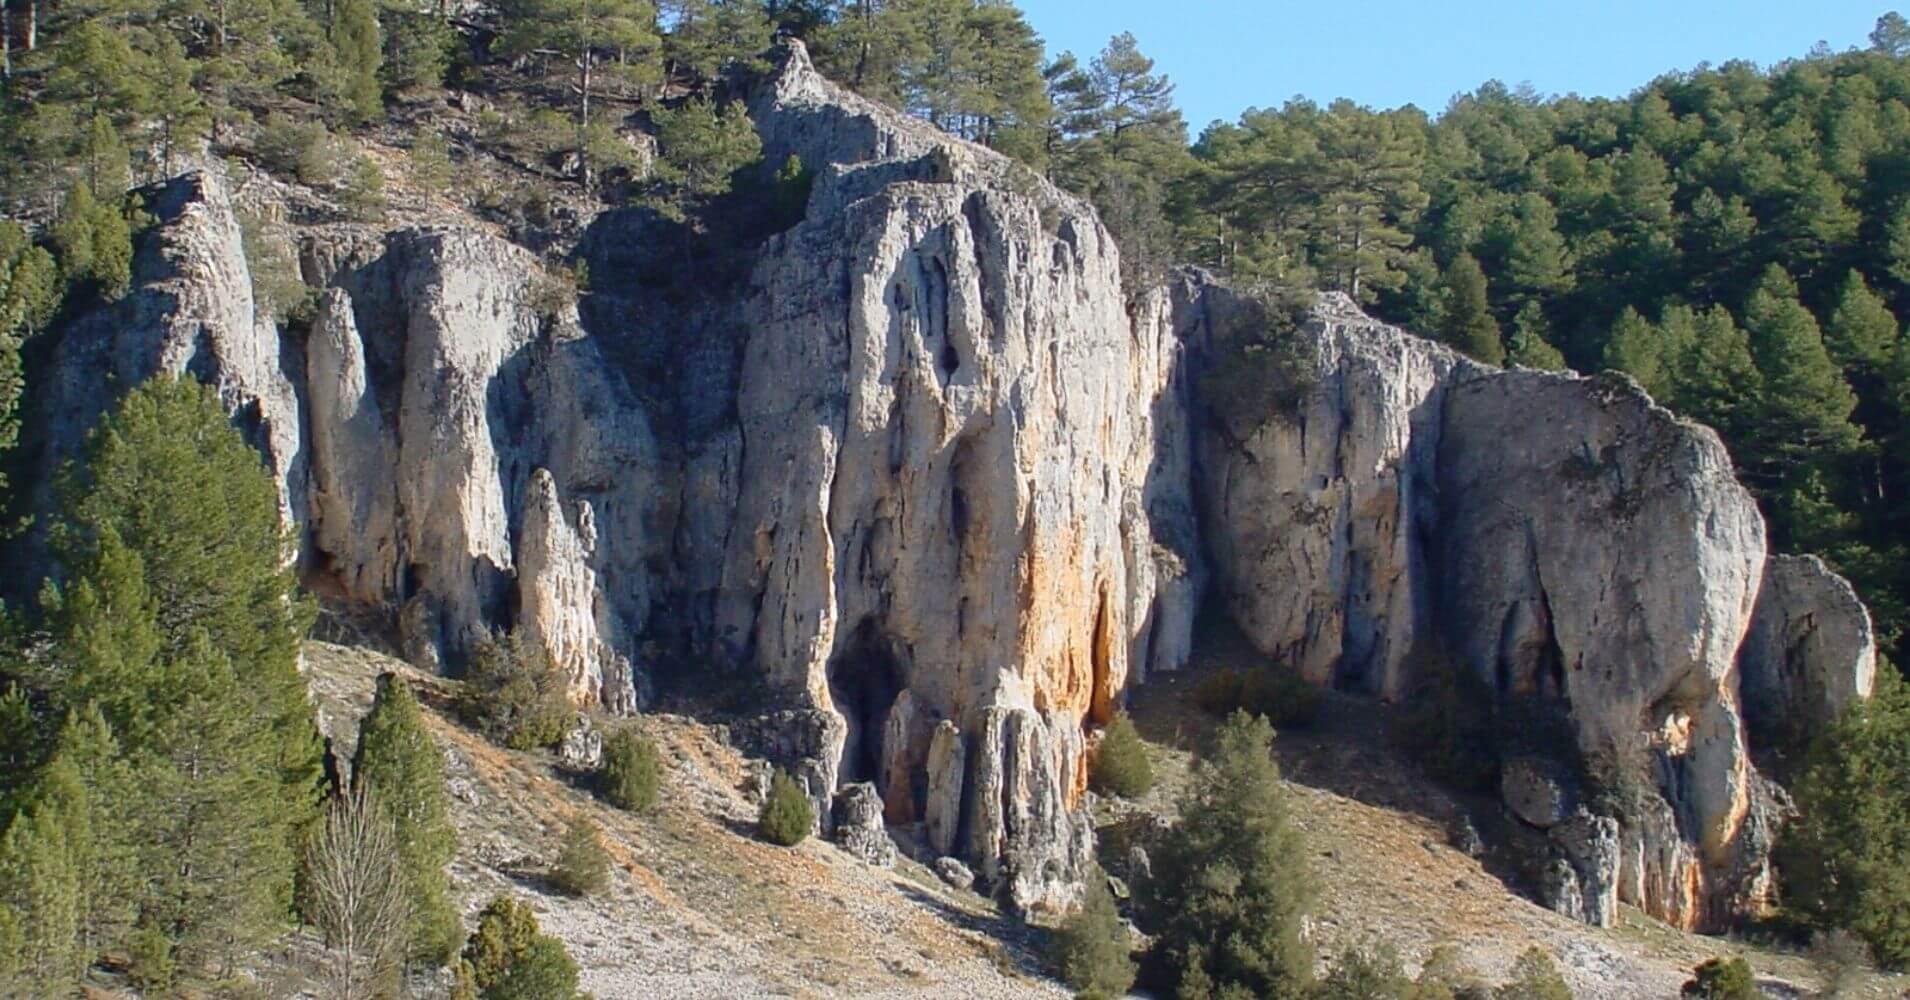 Puente de los Siete Ojos, Farallones y Roquedos. Soria.